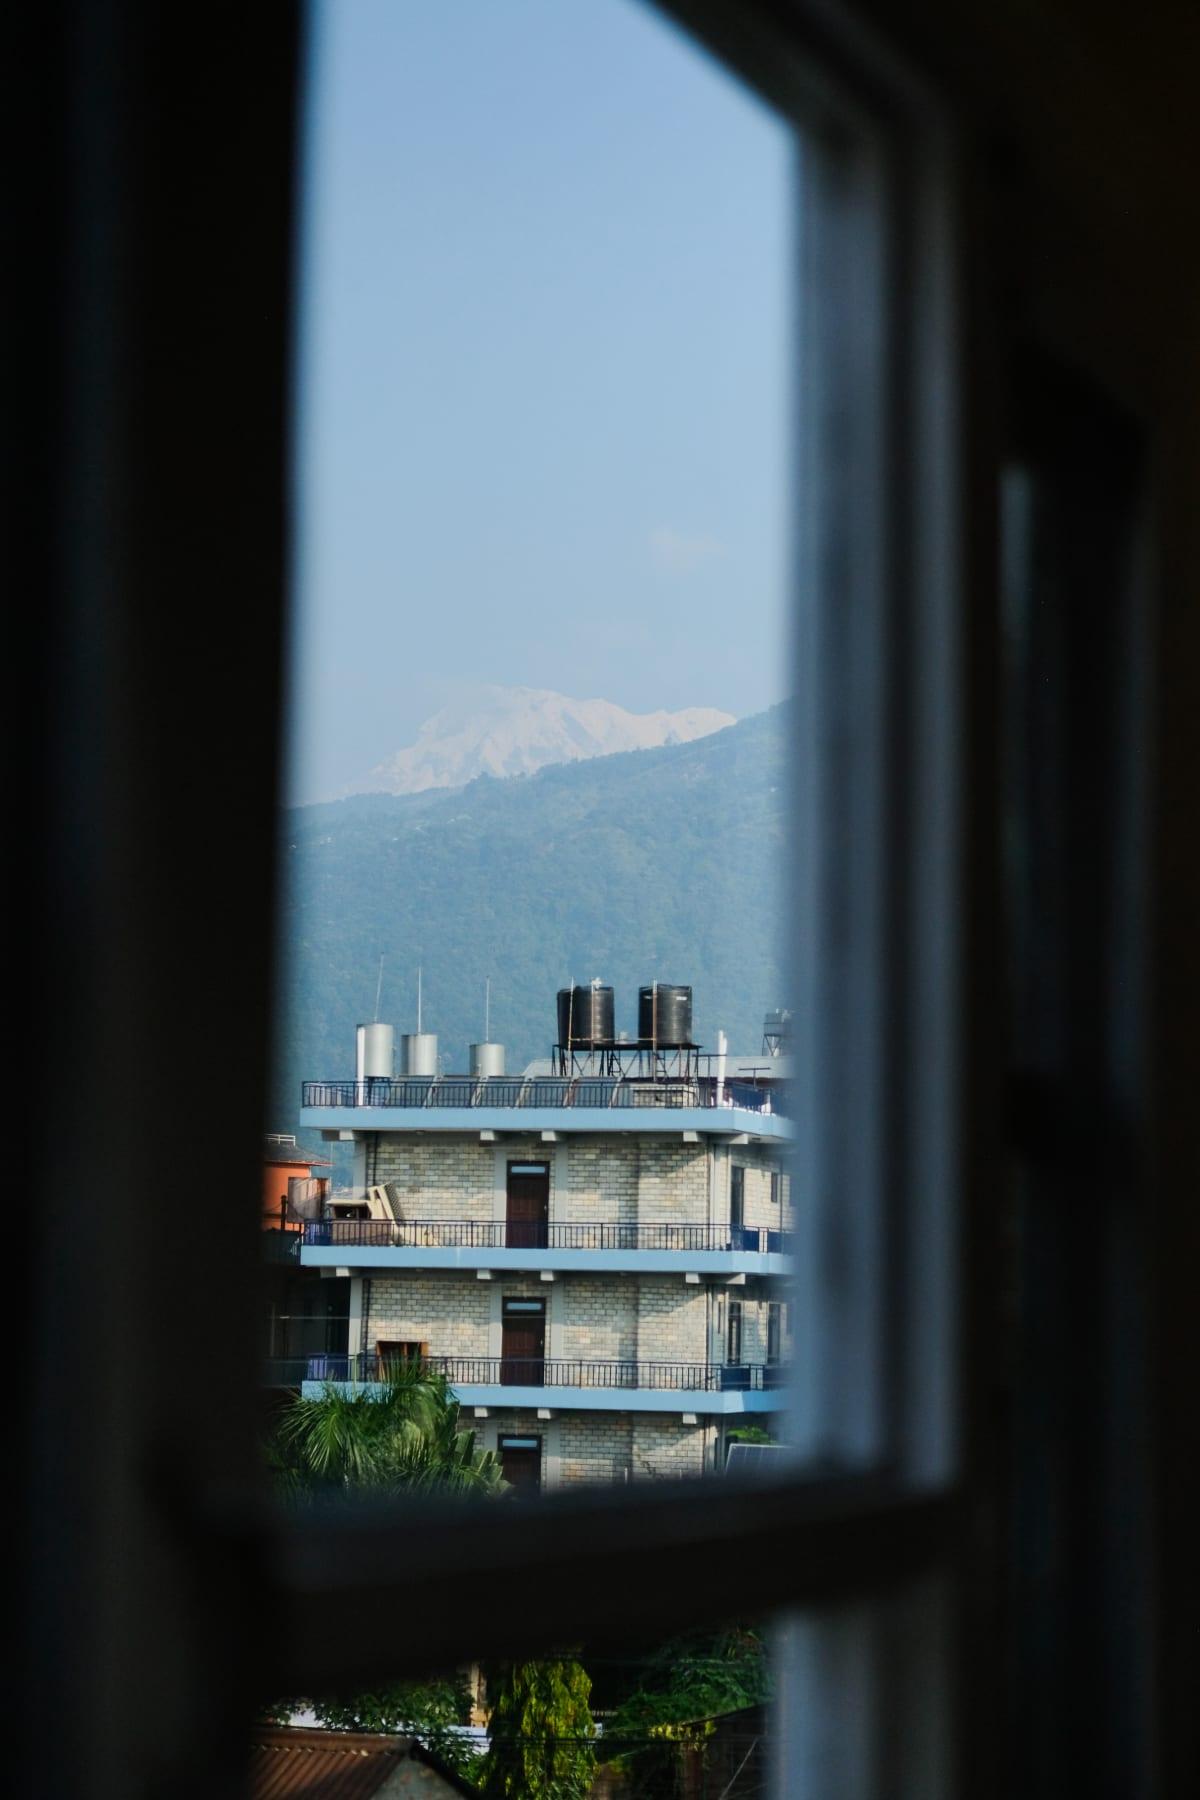 Hostel The Billabong Garden, Pokhara, Nepal